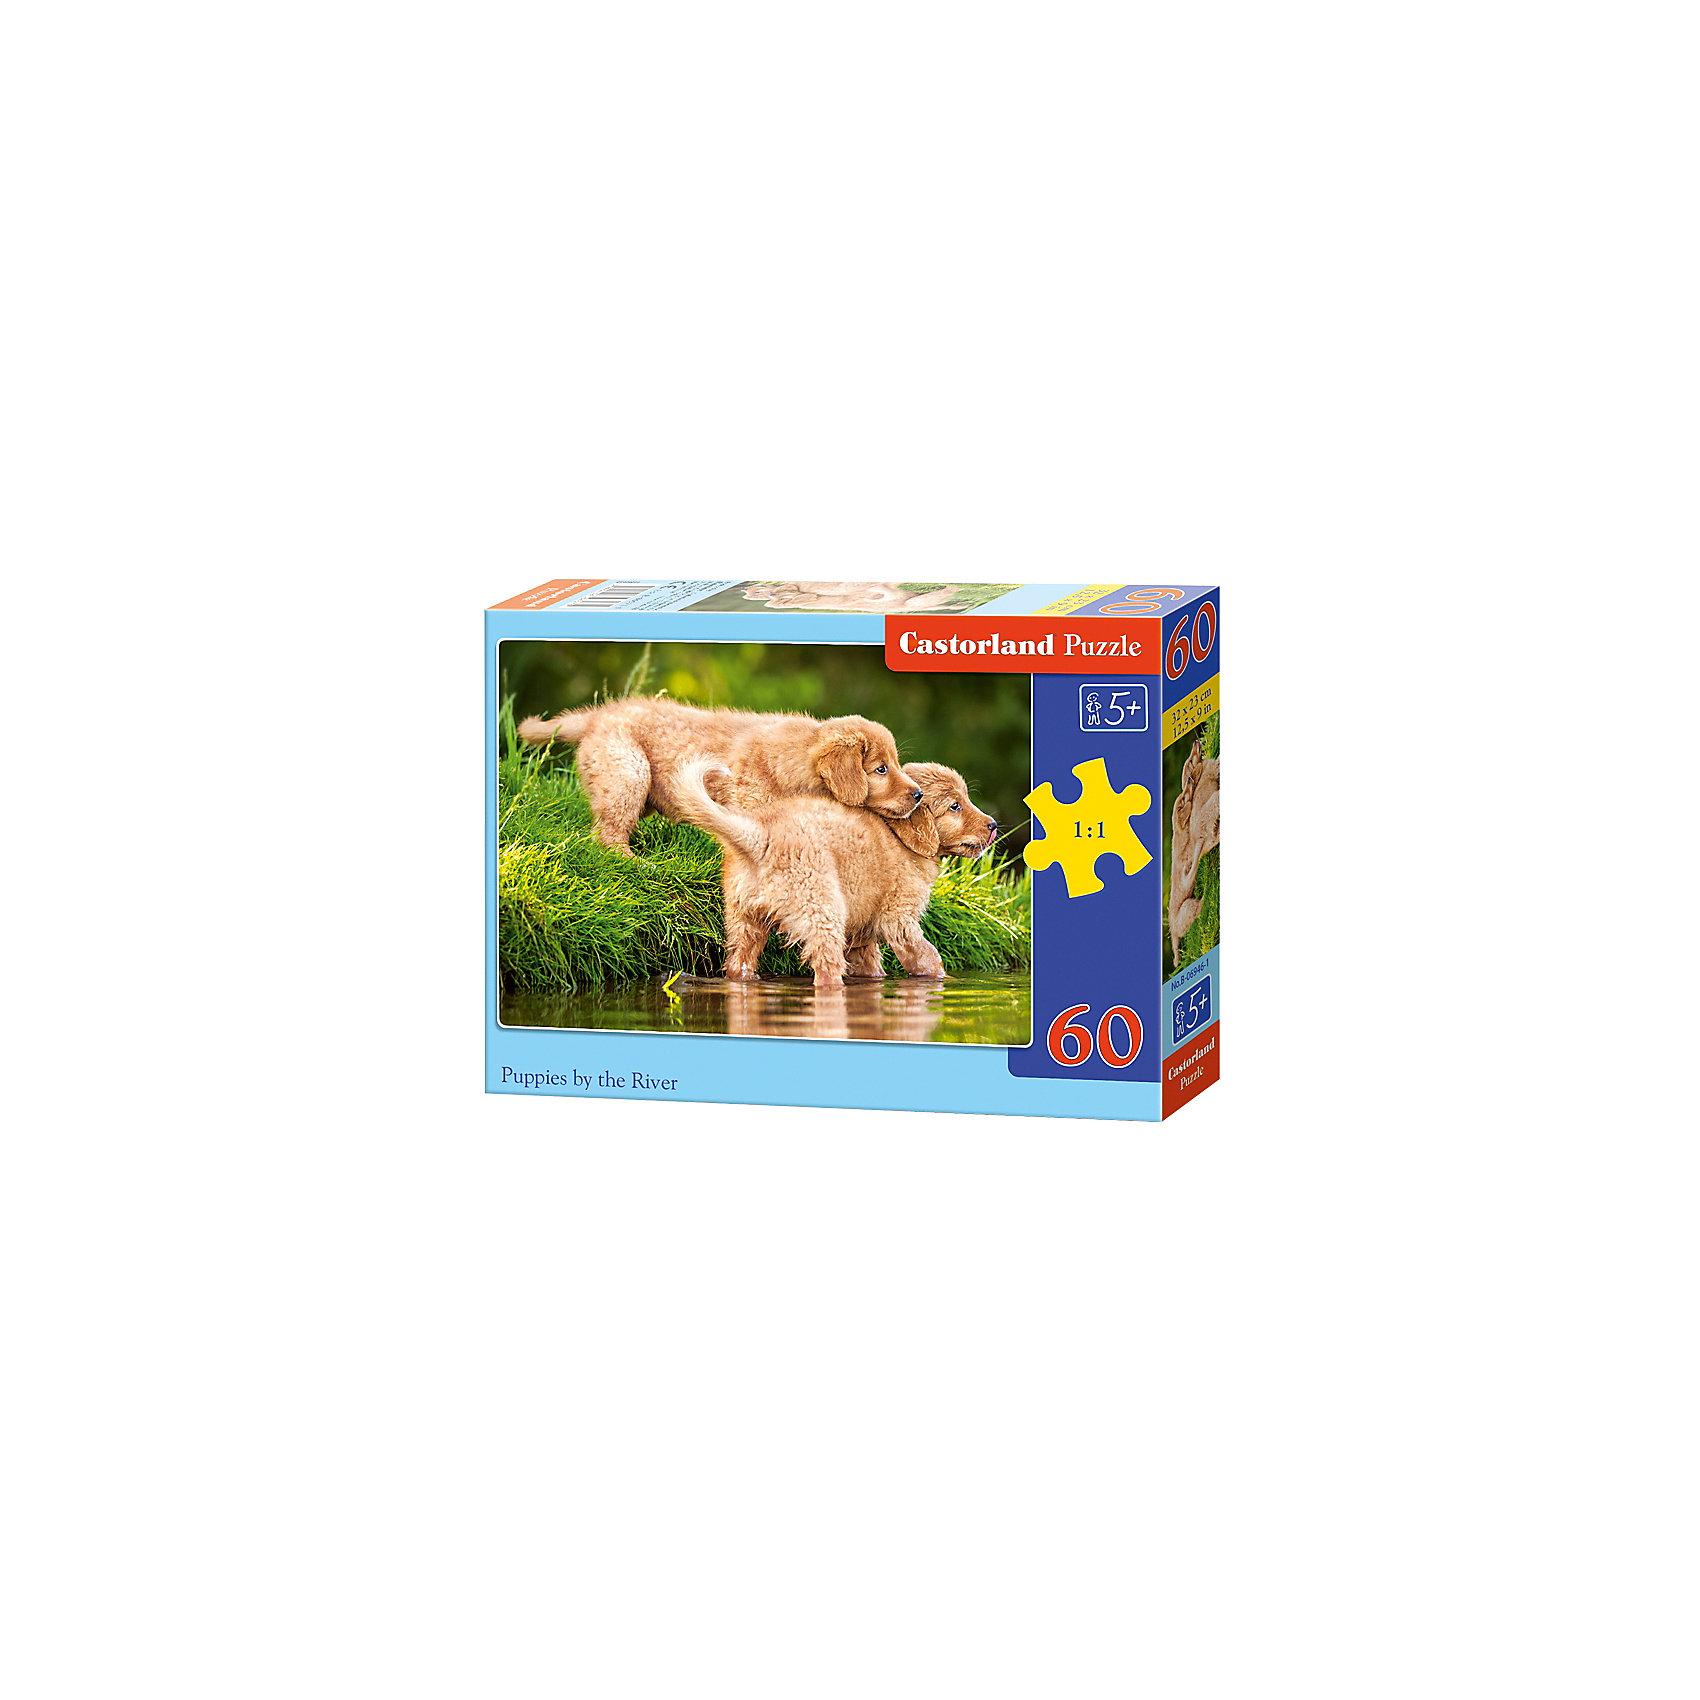 Пазл Castorland Щенки на реке, 60 деталейКлассические пазлы<br>Характеристики:<br><br>• возраст: от 5 лет<br>• количество деталей: 60 шт.<br>• размер собранного пазла: 32х23 см.<br>• материал: картон<br>• упаковка: картонная коробка<br>• размер упаковки: 18x4x13 см.<br>• вес: 150 гр.<br>• страна обладатель бренда: Польша<br><br>Пазл «Щенки на реке» от Castorland (Касторленд) отличается высоким качеством, высоким уровнем полиграфии, насыщенными цветами и идеальной стыковкой элементов. Из 60 элементов пазла ребенок соберет красочную картину с изображением забавных щенков.<br><br>Пазл Щенки на реке, 60 деталей, Castorland (Касторленд) можно купить в нашем интернет-магазине.<br><br>Ширина мм: 180<br>Глубина мм: 130<br>Высота мм: 40<br>Вес г: 150<br>Возраст от месяцев: 60<br>Возраст до месяцев: 2147483647<br>Пол: Унисекс<br>Возраст: Детский<br>SKU: 6725089